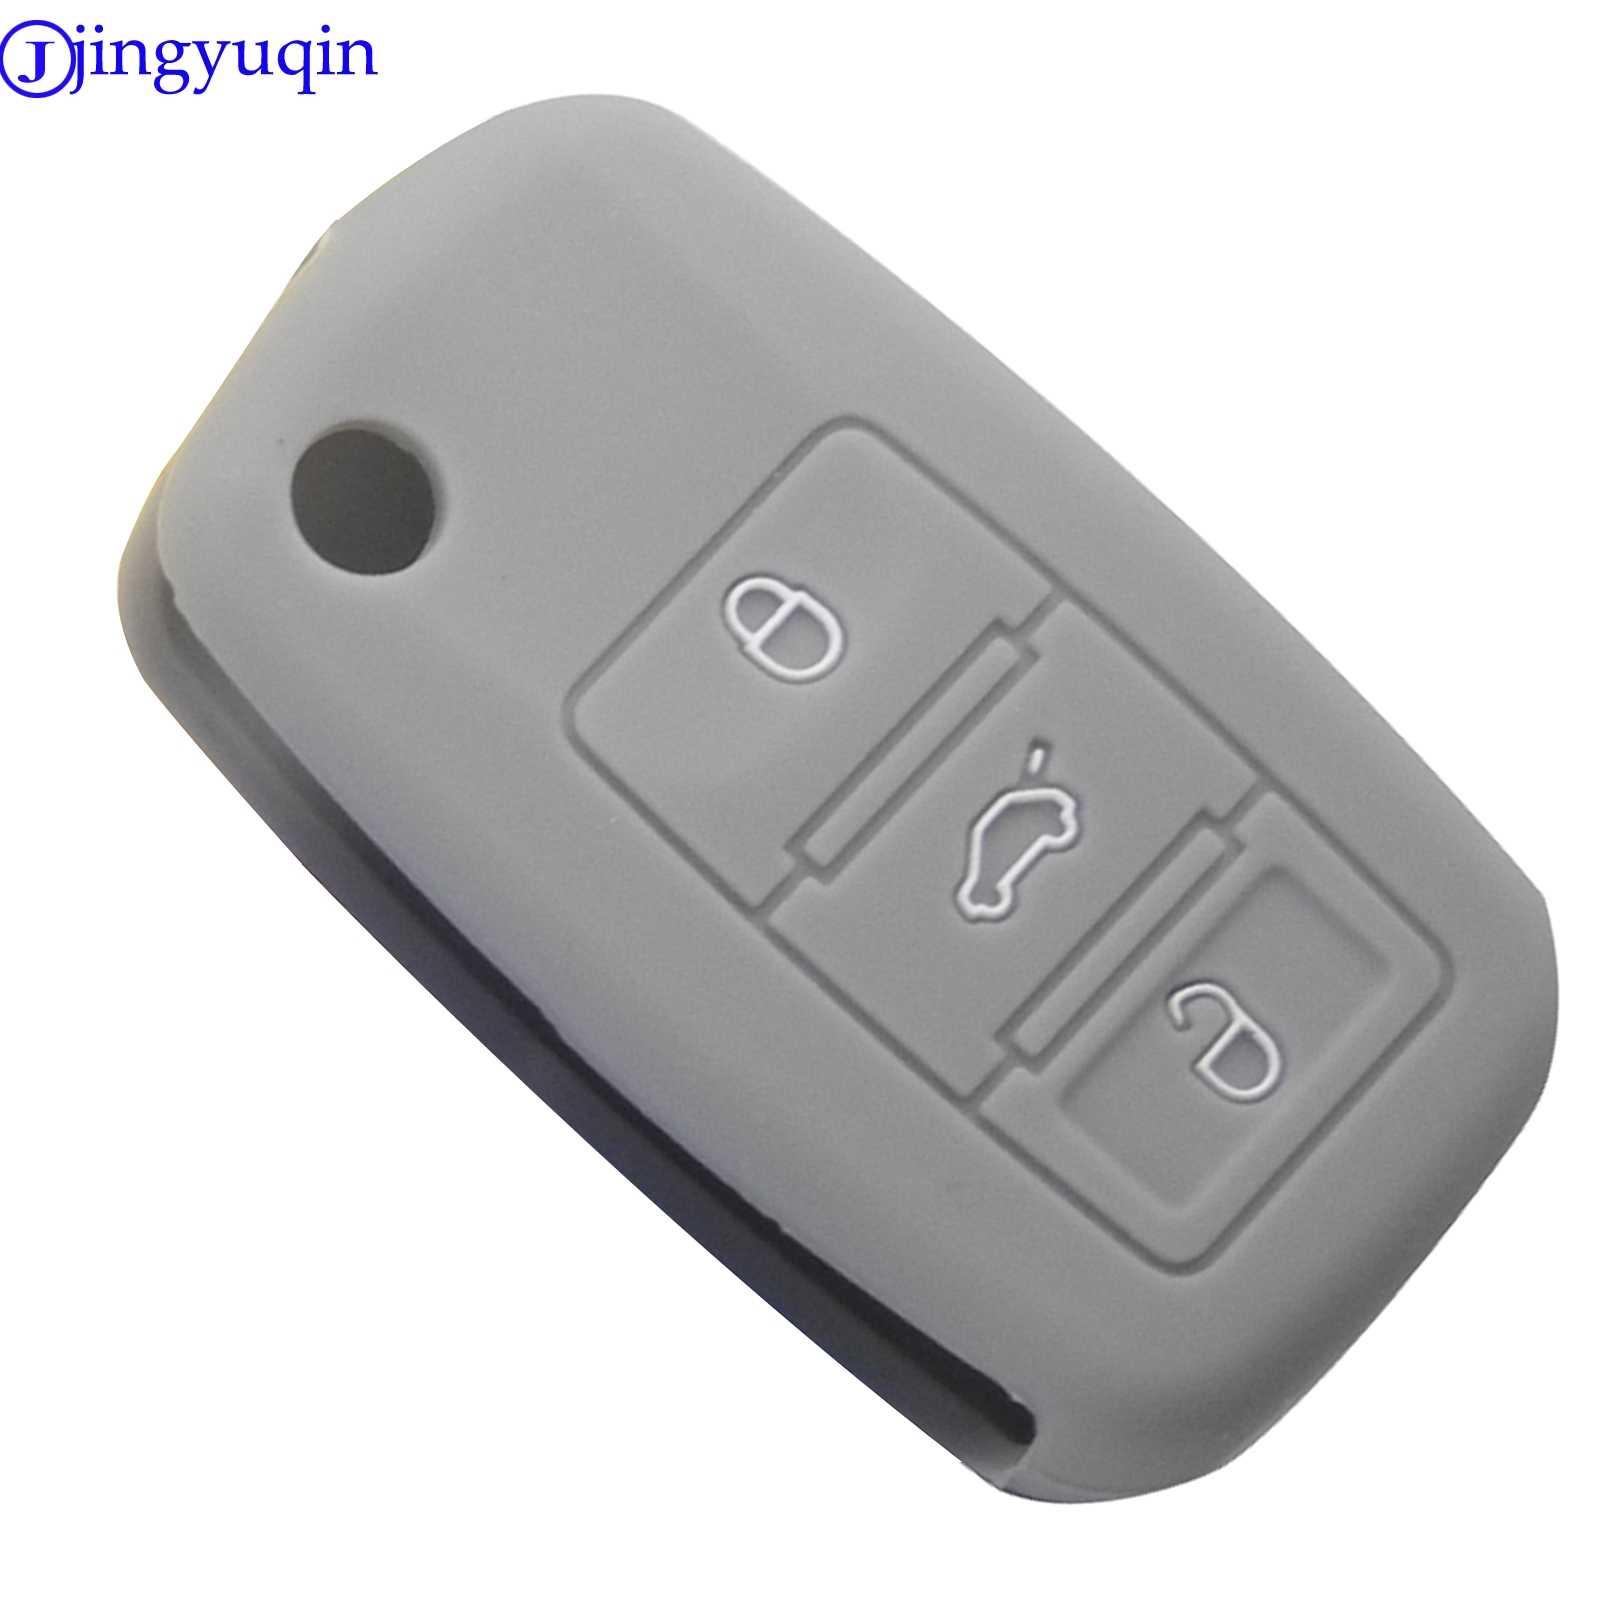 Jingyuqin 3B funda de silicona para llave del coche caso para VW Golf Bora Jetta POLO Passat Skoda Superb Octavia Fabia asiento Ibiza Leon protegido